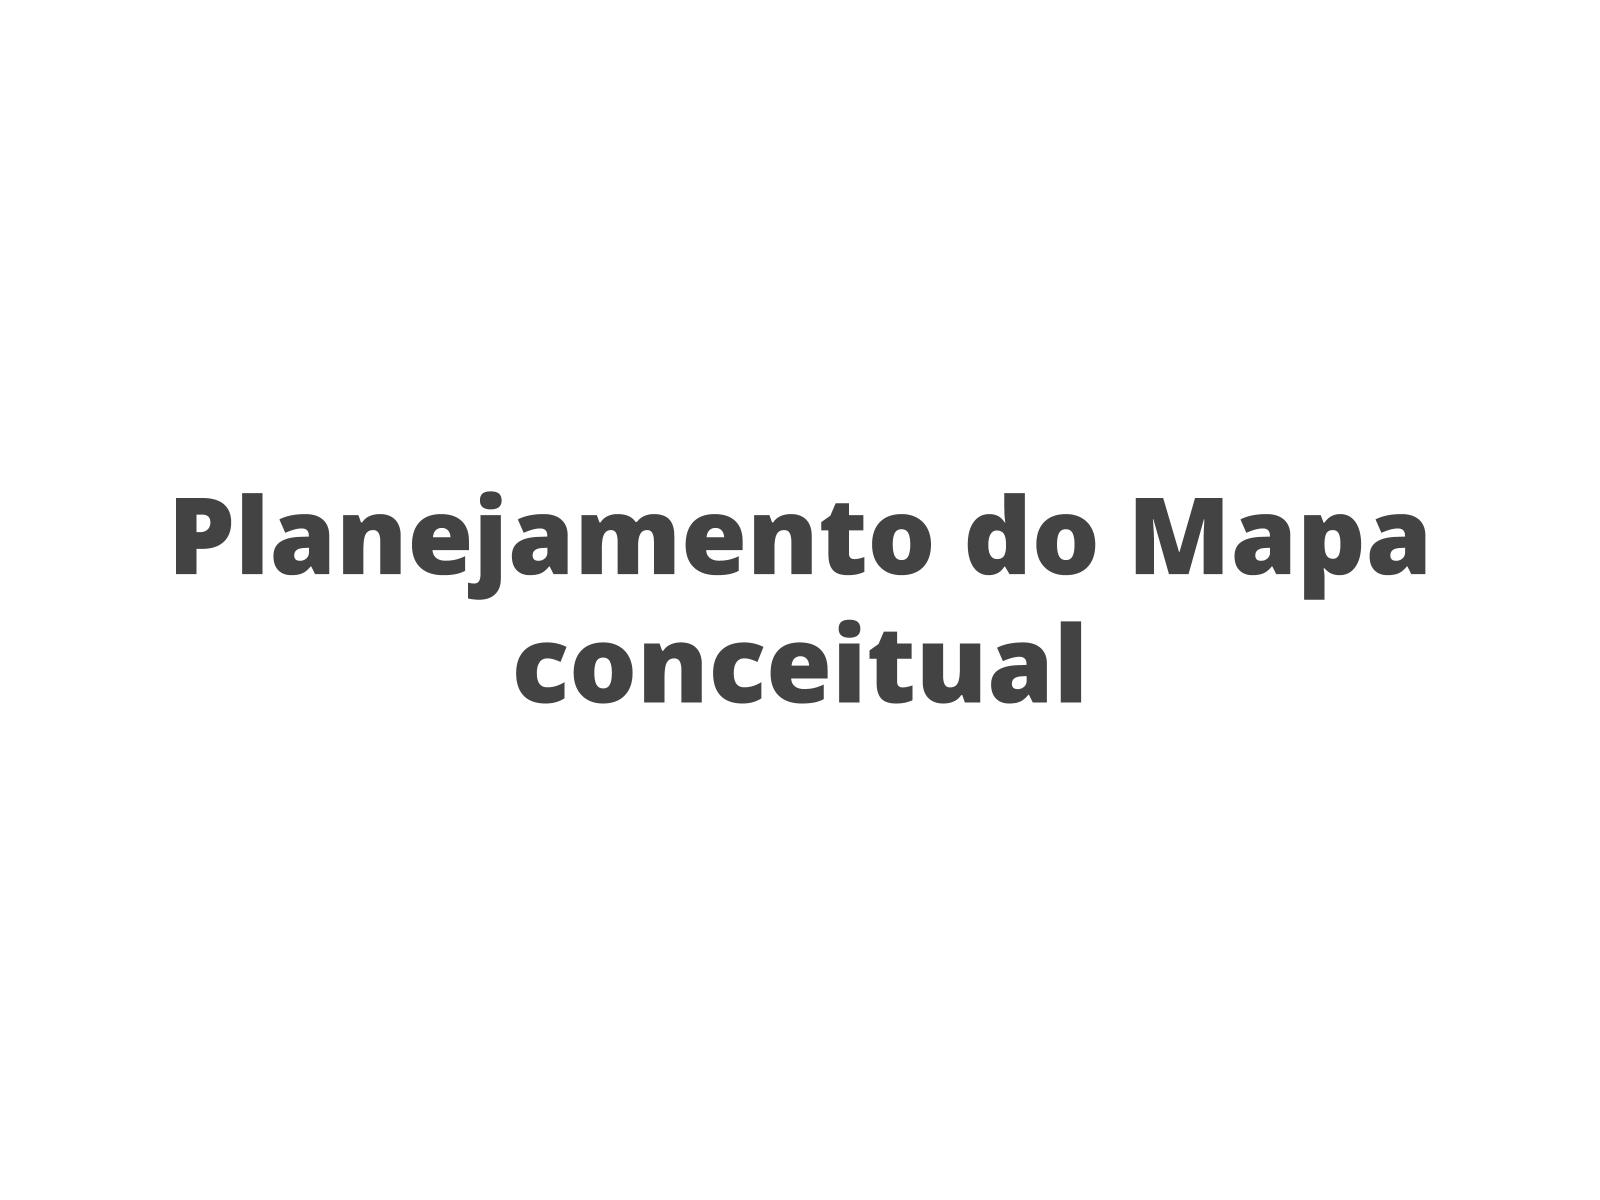 Planejamento de Mapa conceitual